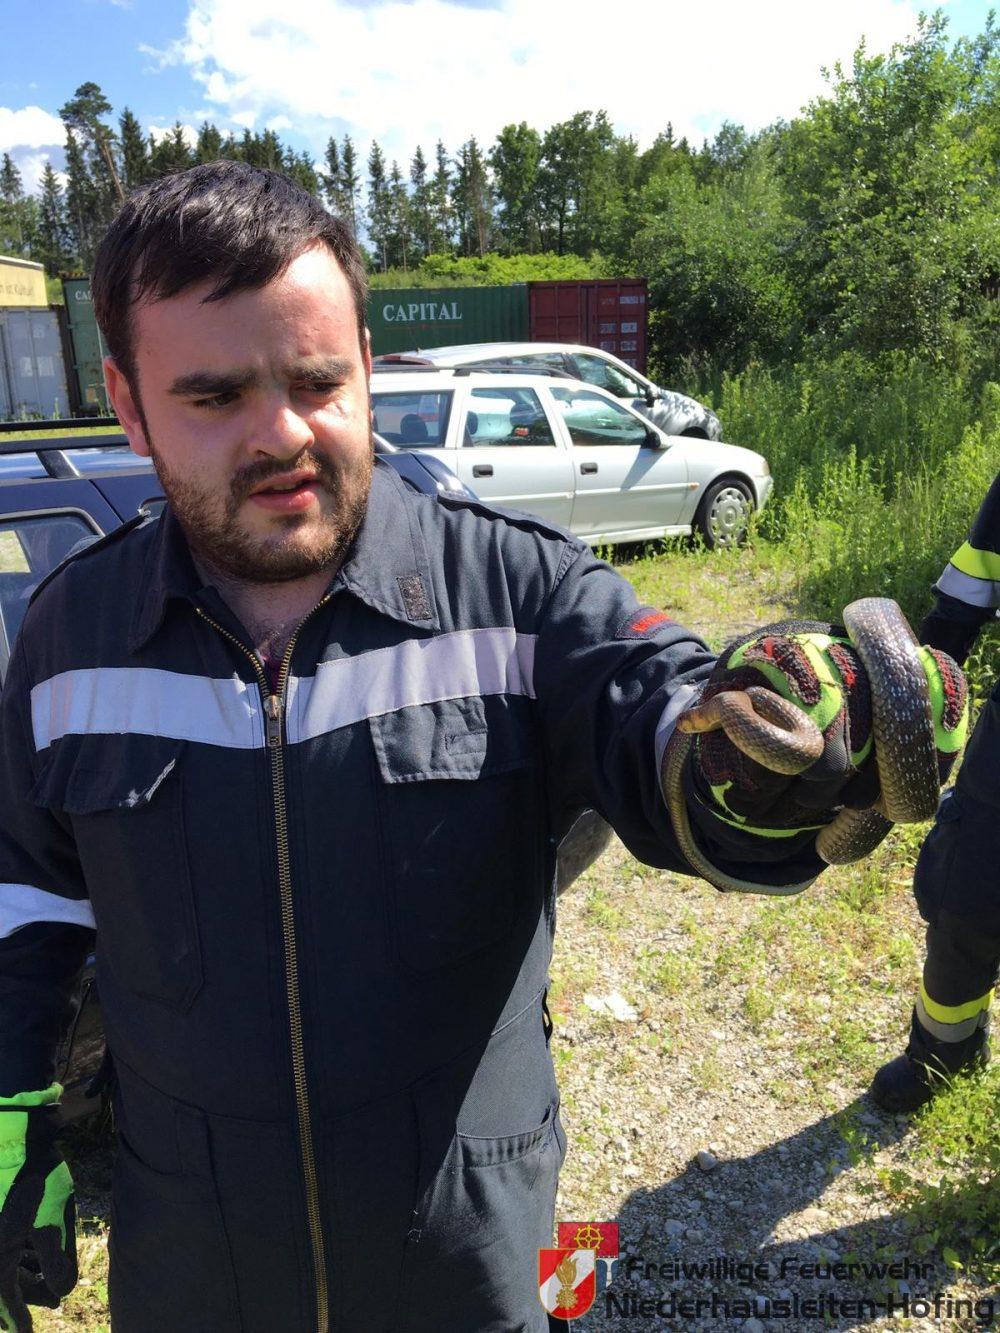 Tierrettung- Schlange in Fahrzeug